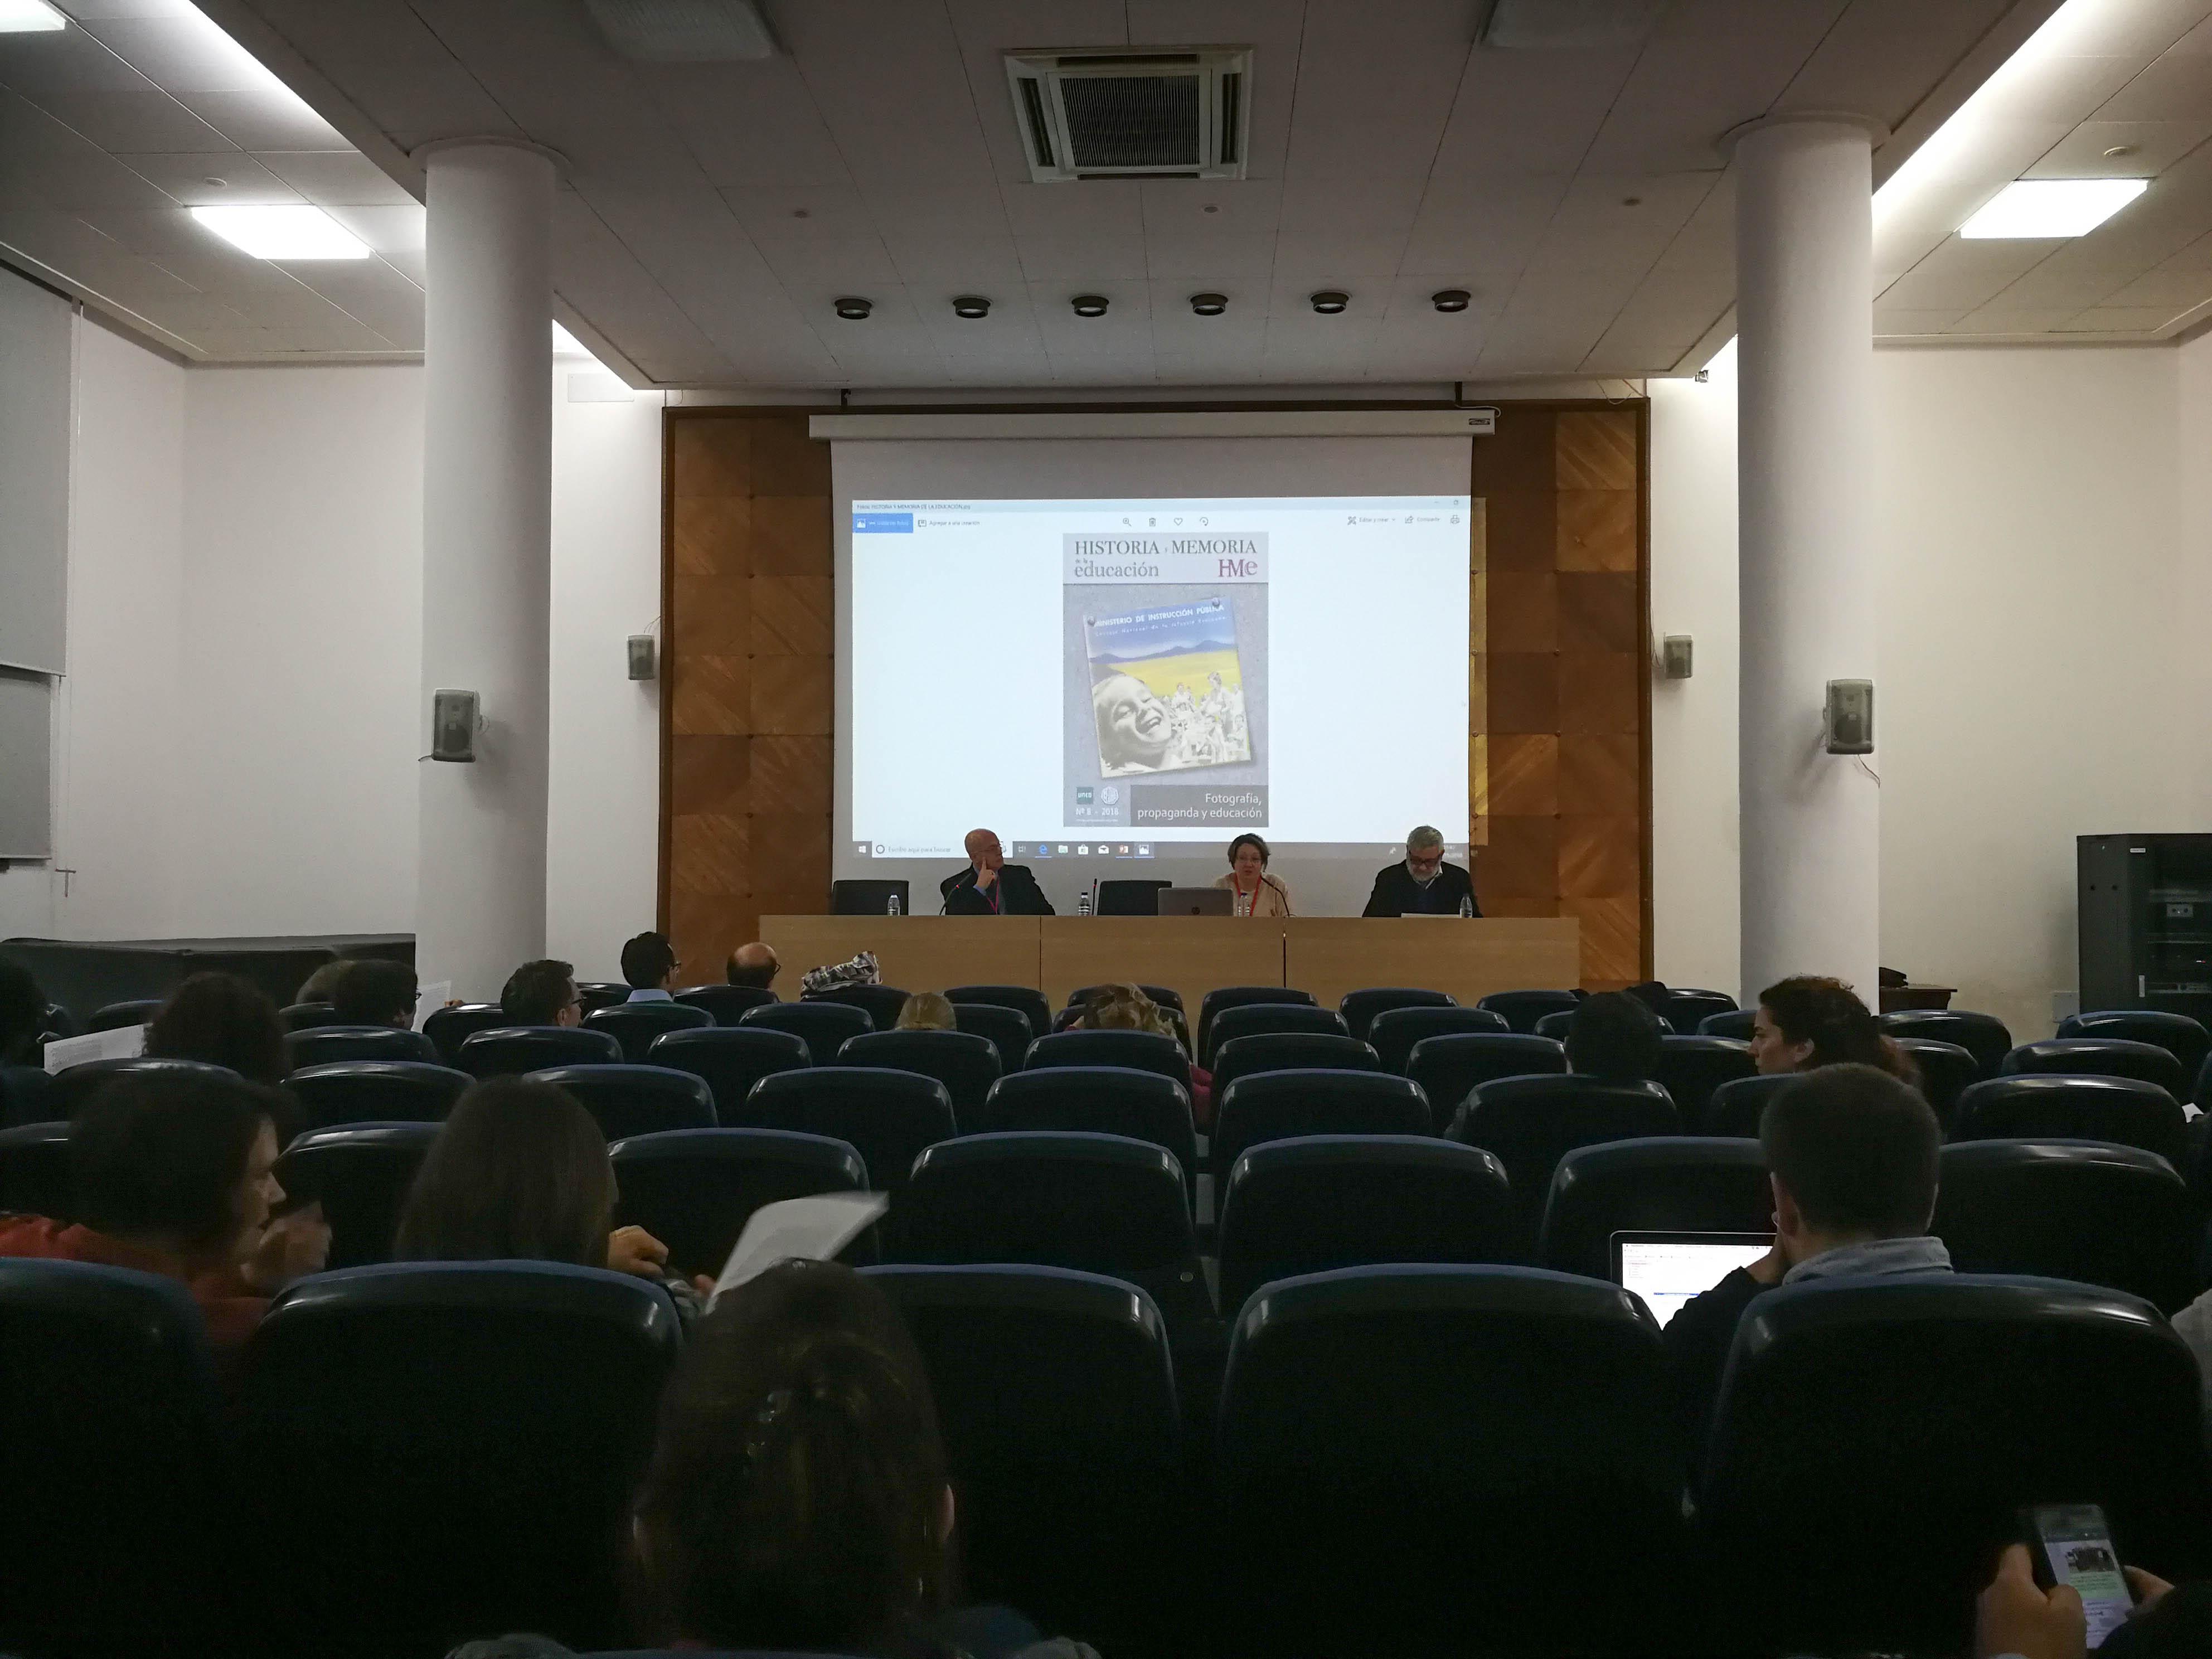 La practica educativa_PalmadiMaiorca-114730